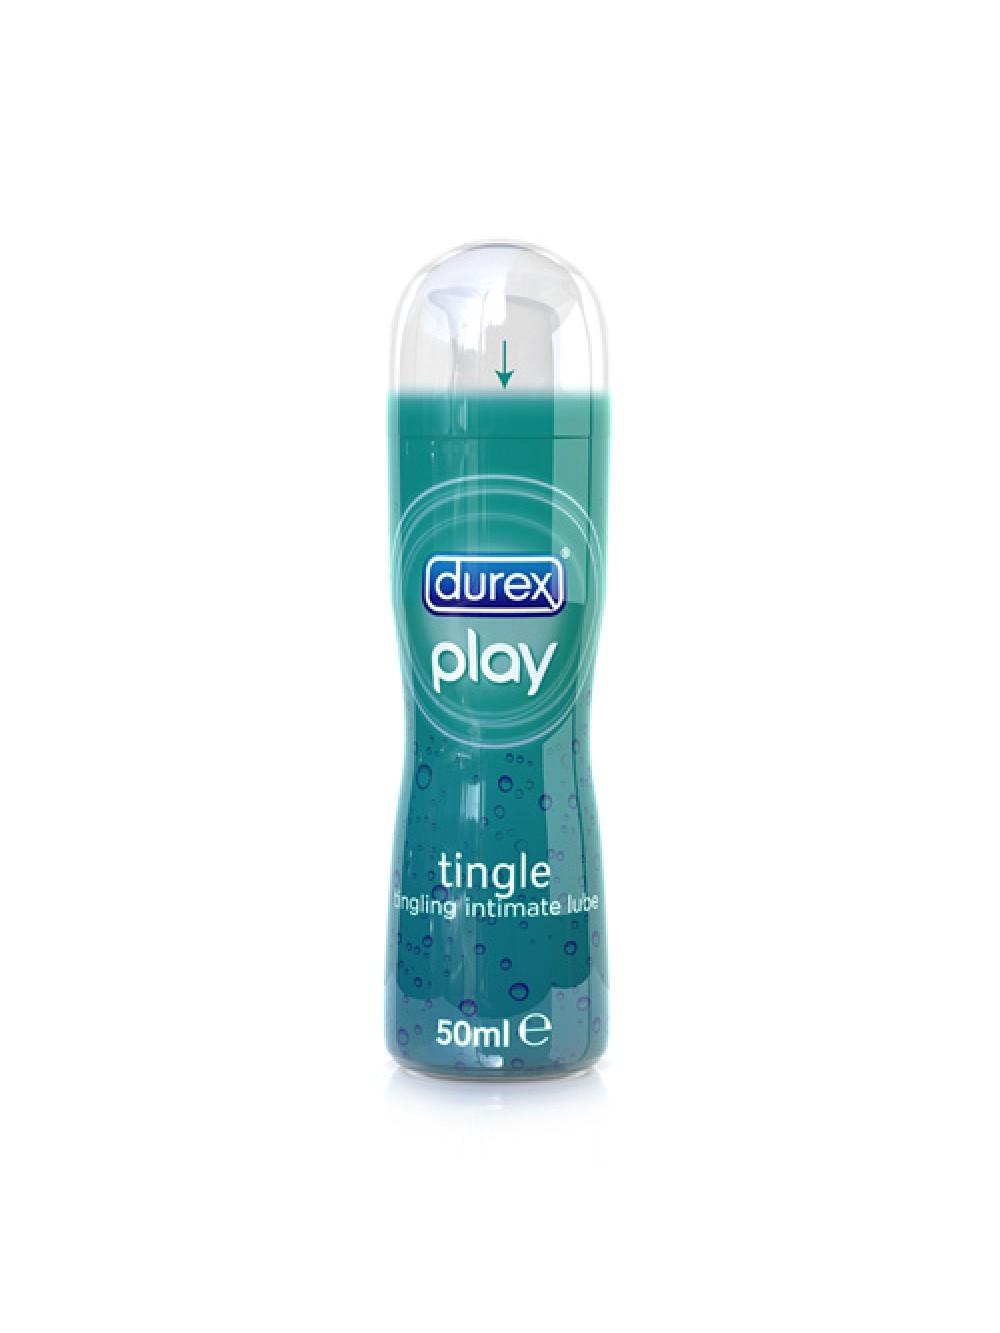 Play Tingle 50m